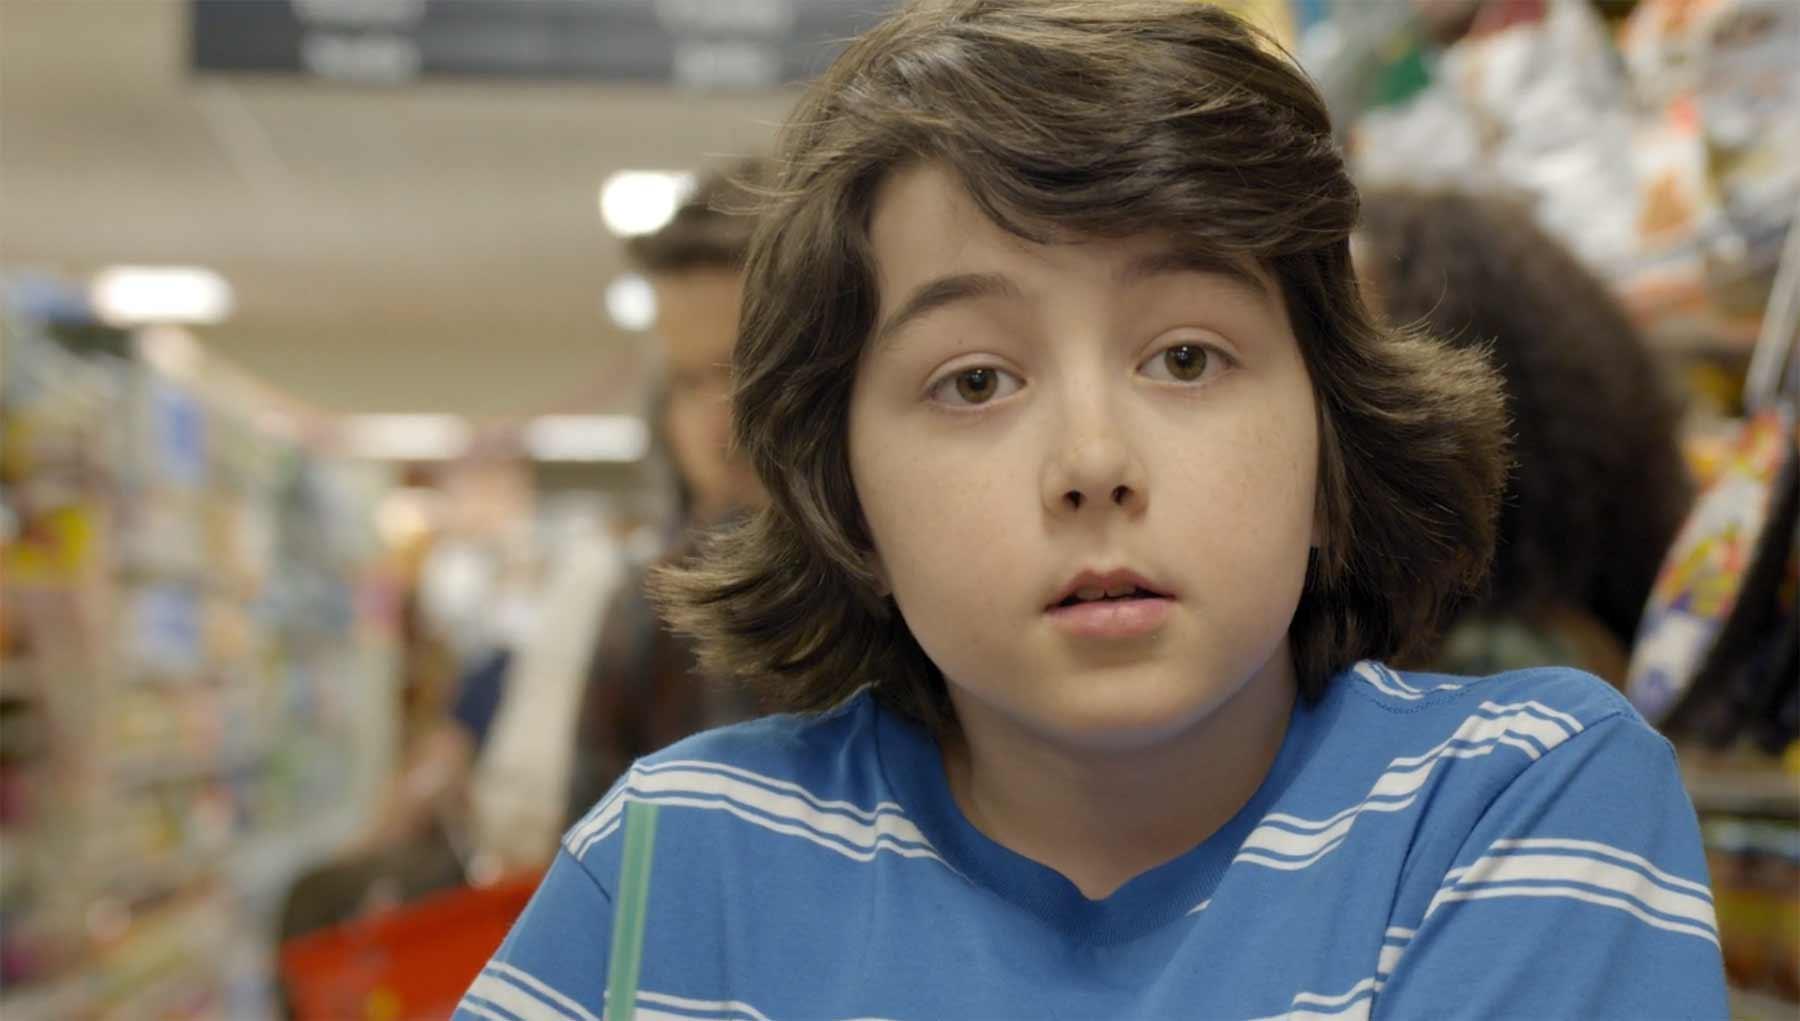 Die kindliche Fantasie beim Alleingelassenwerden an der Supermarktkasse kurzfilm-checkout